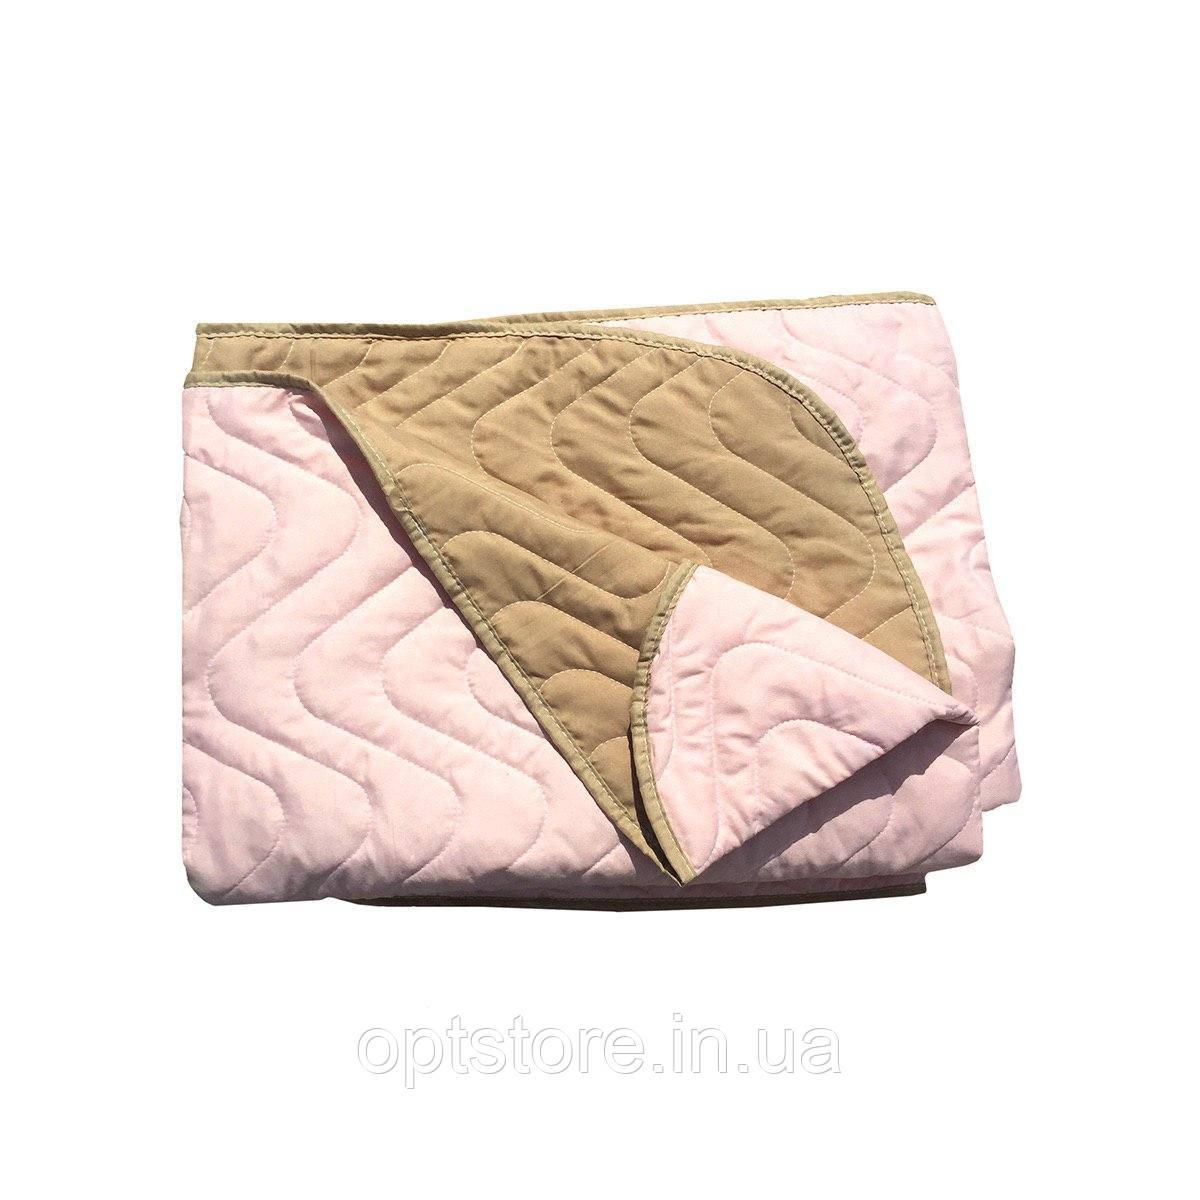 """""""Двухцветное"""" Летнее одеяло-покрывало полуторный размер 150/210 см наполнитель: холлофайбер. Ткань: бязь."""